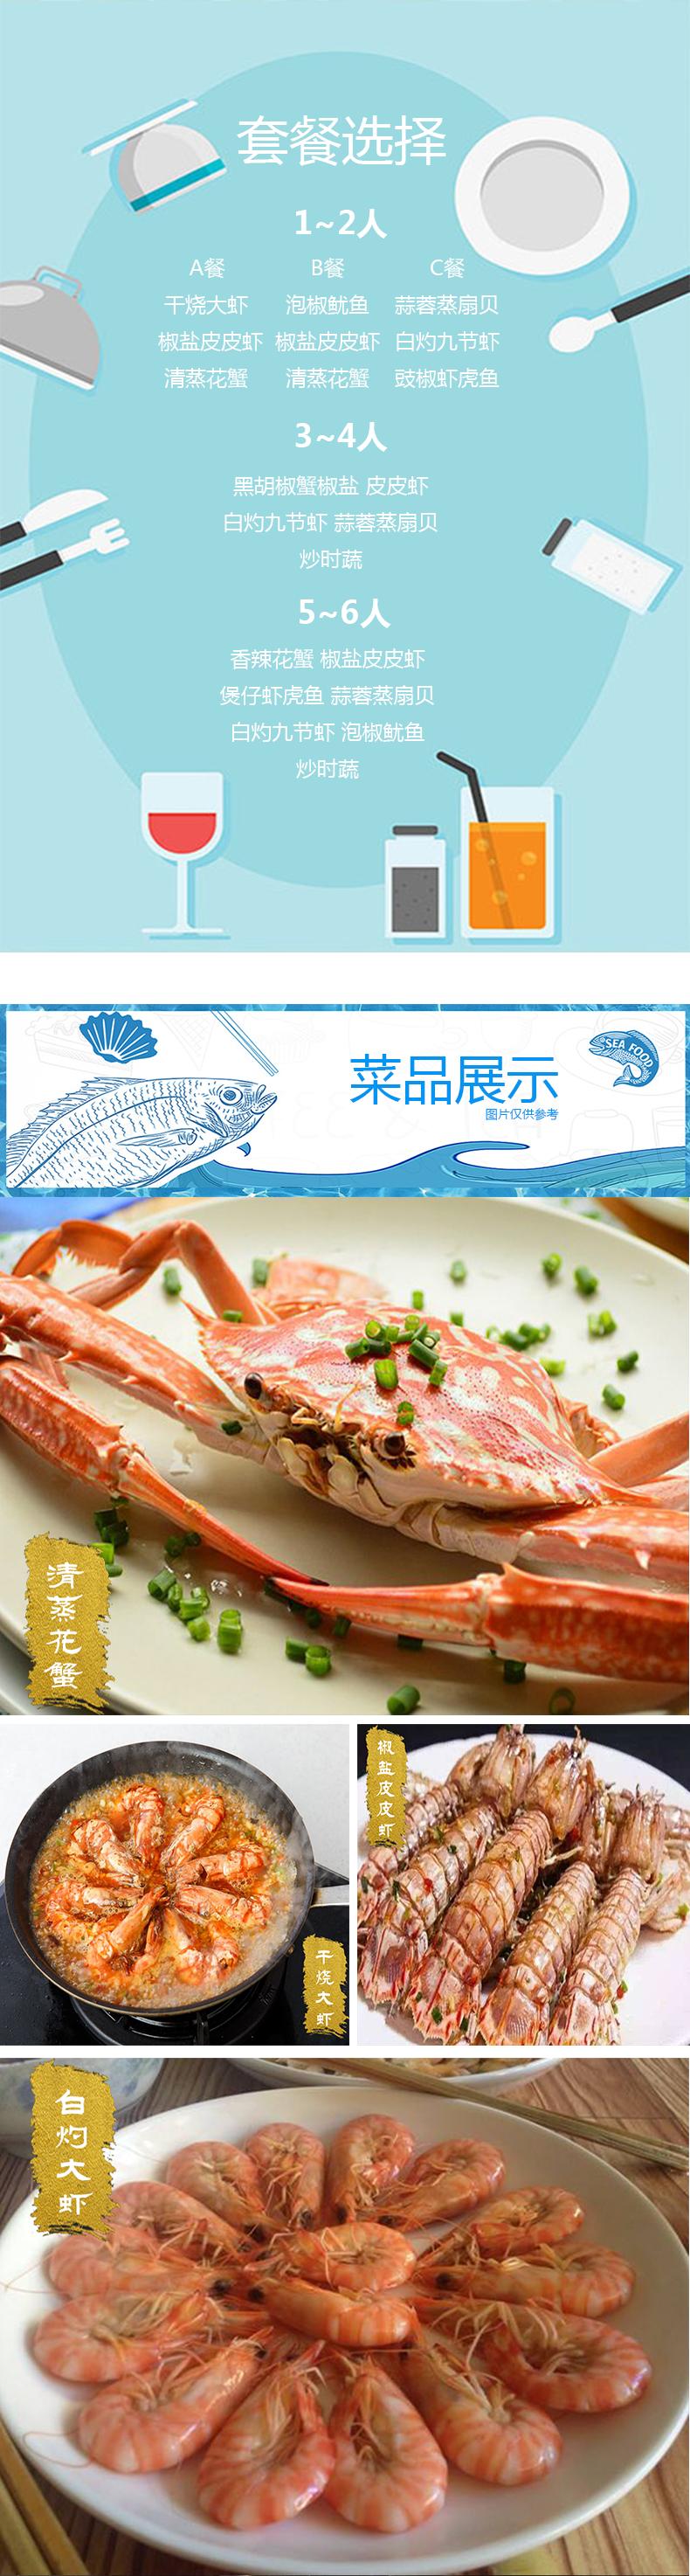 富国岛 风味海鲜大餐(中式风味 新鲜食材 多种套餐 往返接送)